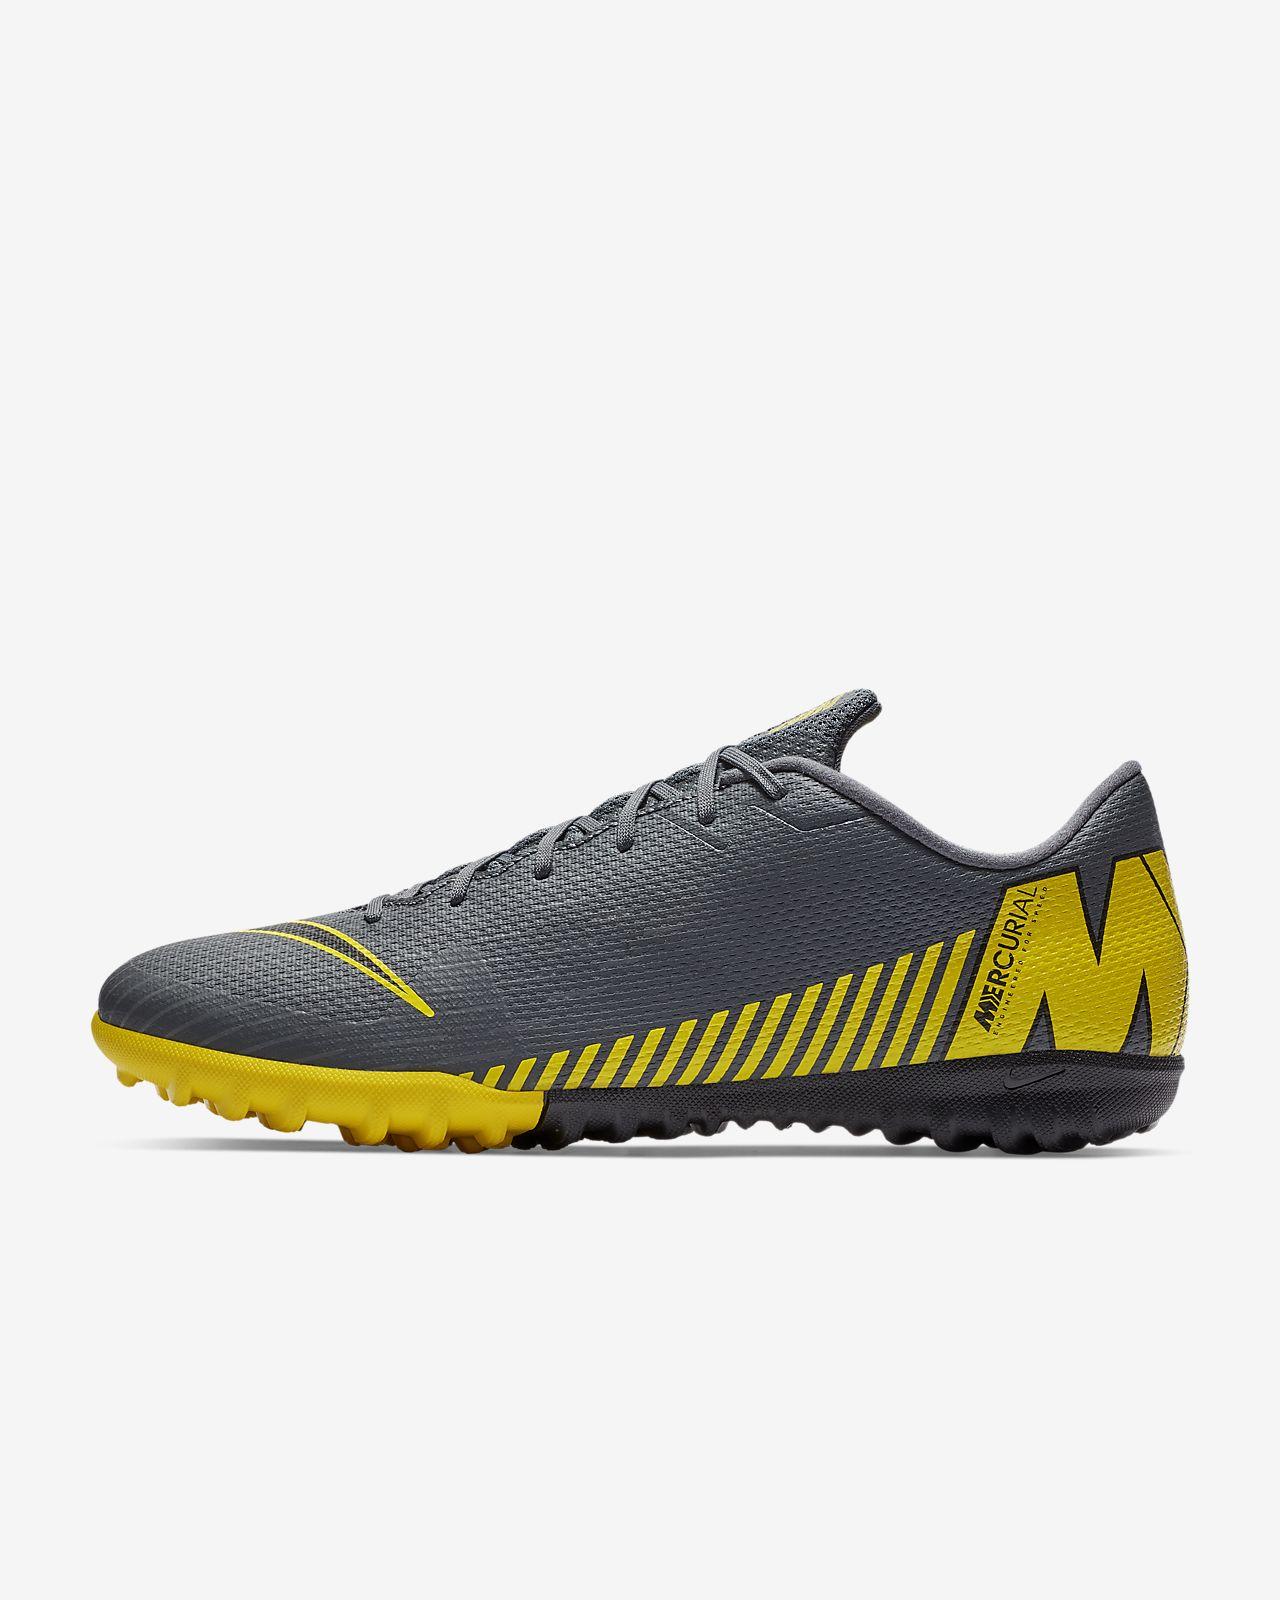 sale retailer 3c8f1 b8beb Nike VaporX 12 Academy TF Fußballschuh für Kunstrasen